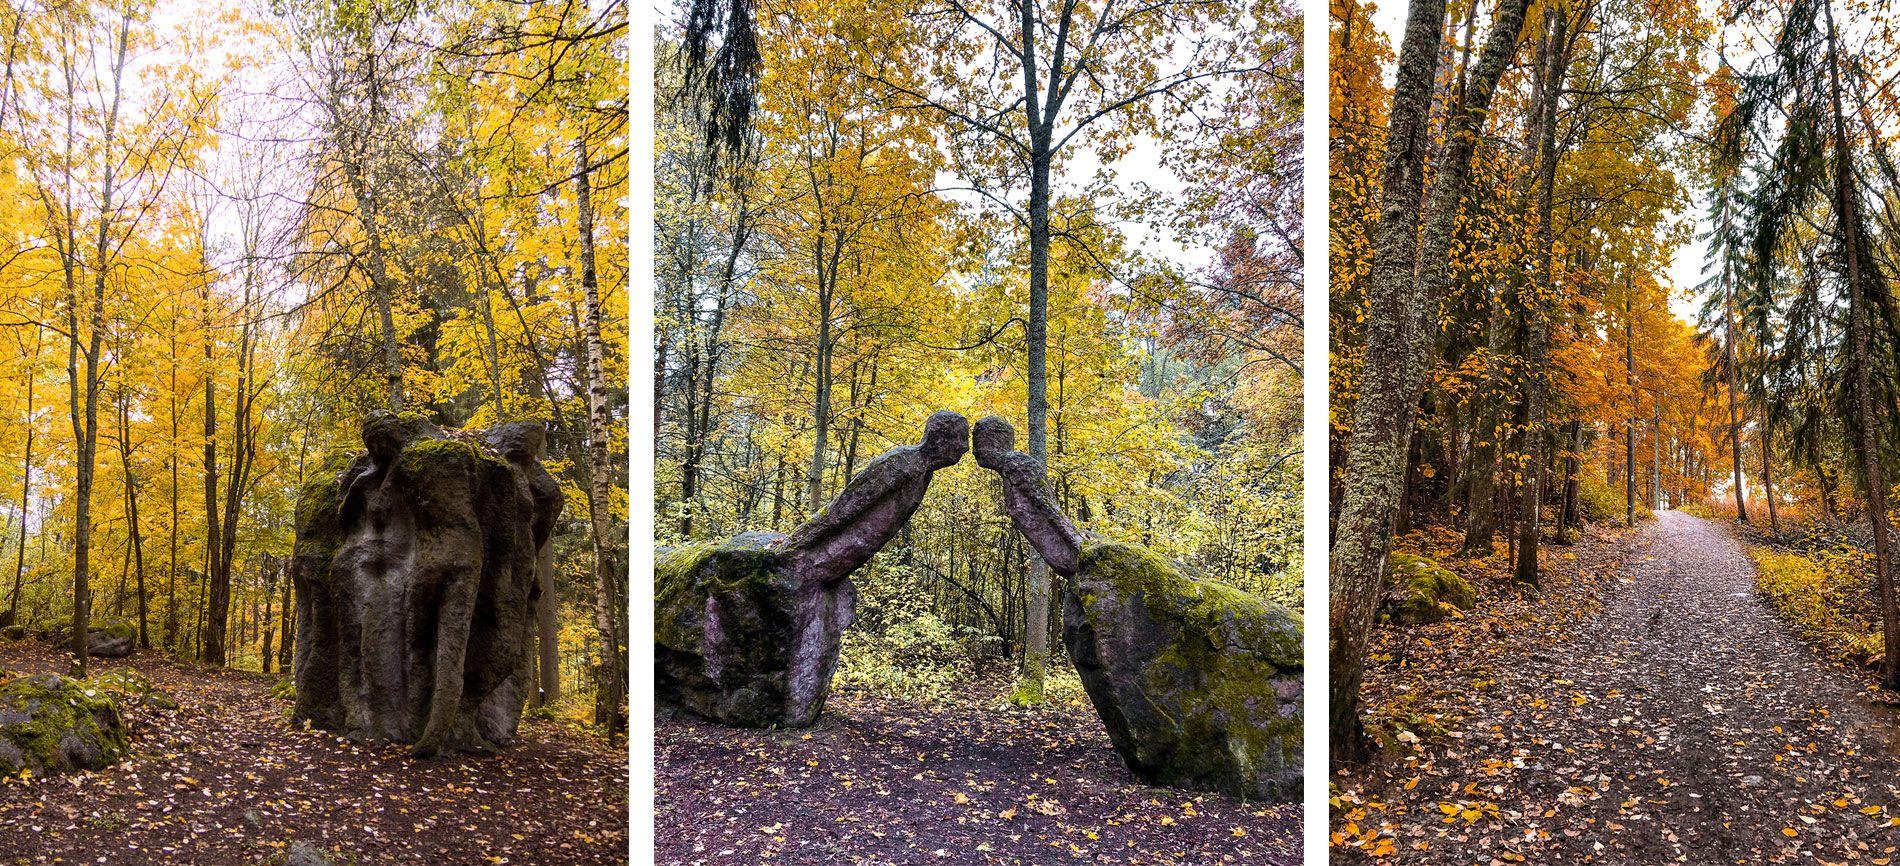 Finlande | automne | région grans lacs| lanu sculpture parc